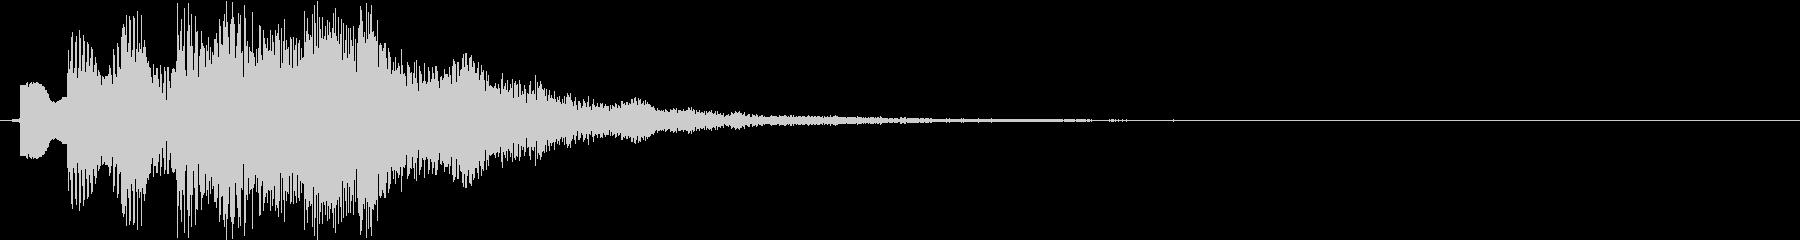 チャラララララン(場面転換、可愛い音)の未再生の波形